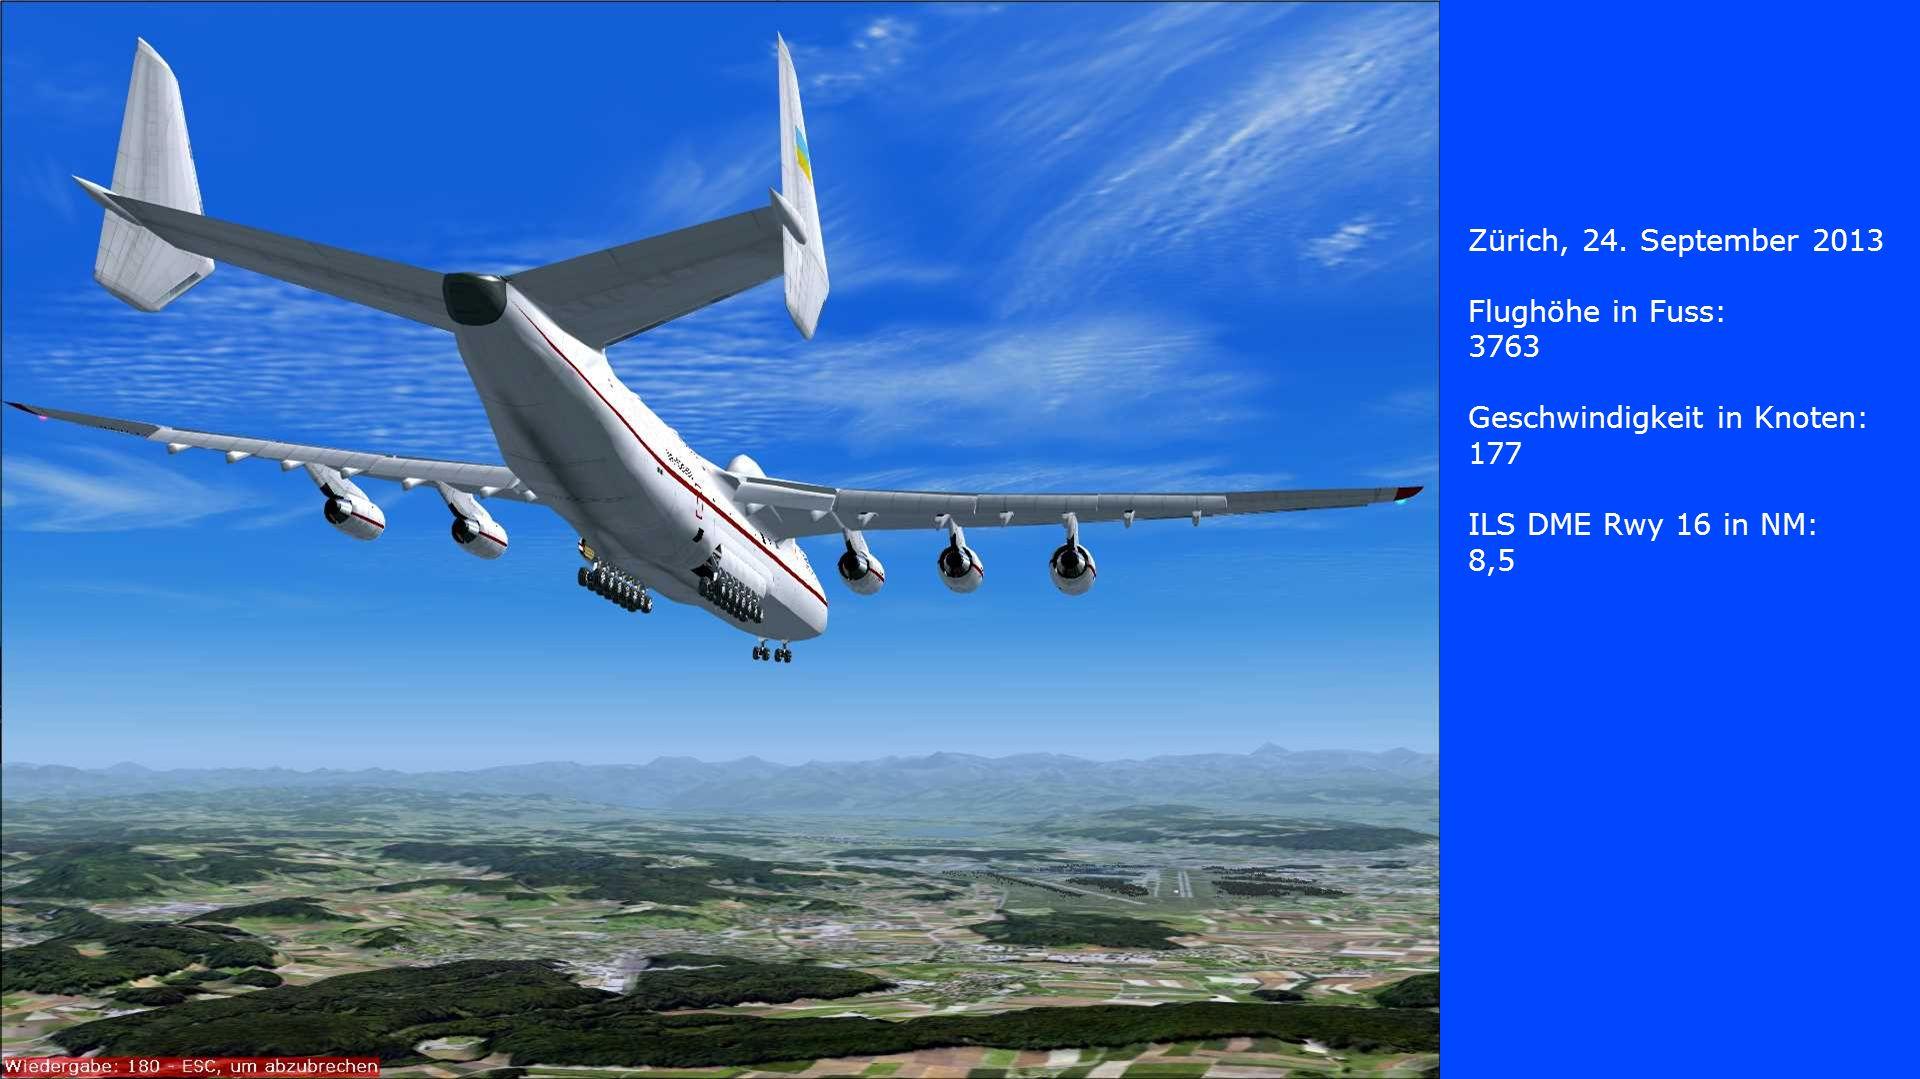 Zürich, 24. September 2013 Flughöhe in Fuss: 3763. Geschwindigkeit in Knoten: 177. ILS DME Rwy 16 in NM: